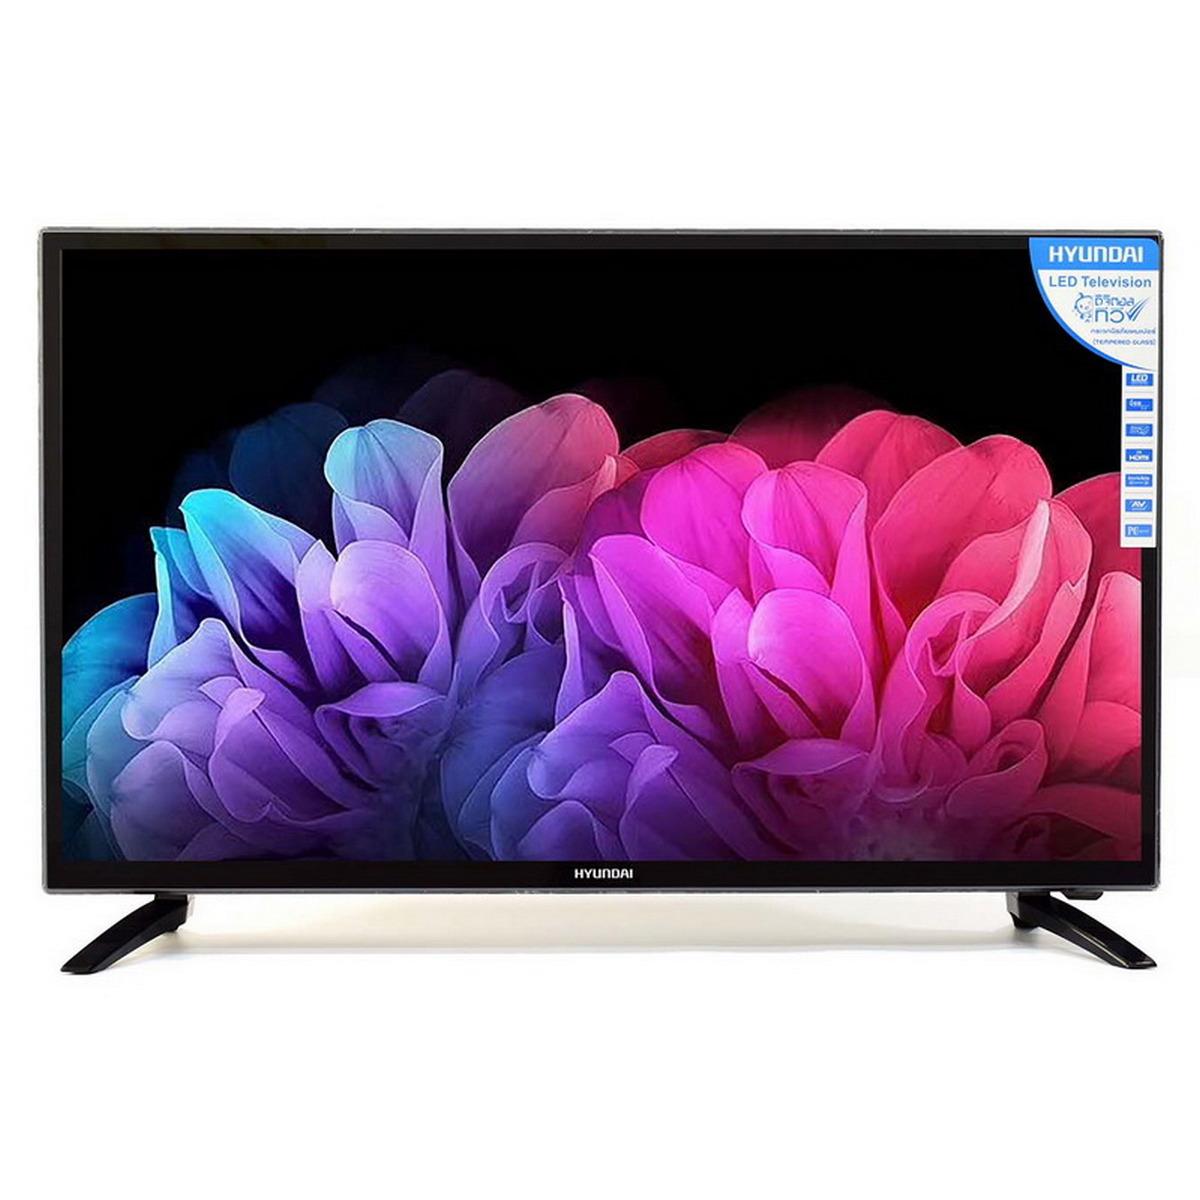 TV FHD LED (32